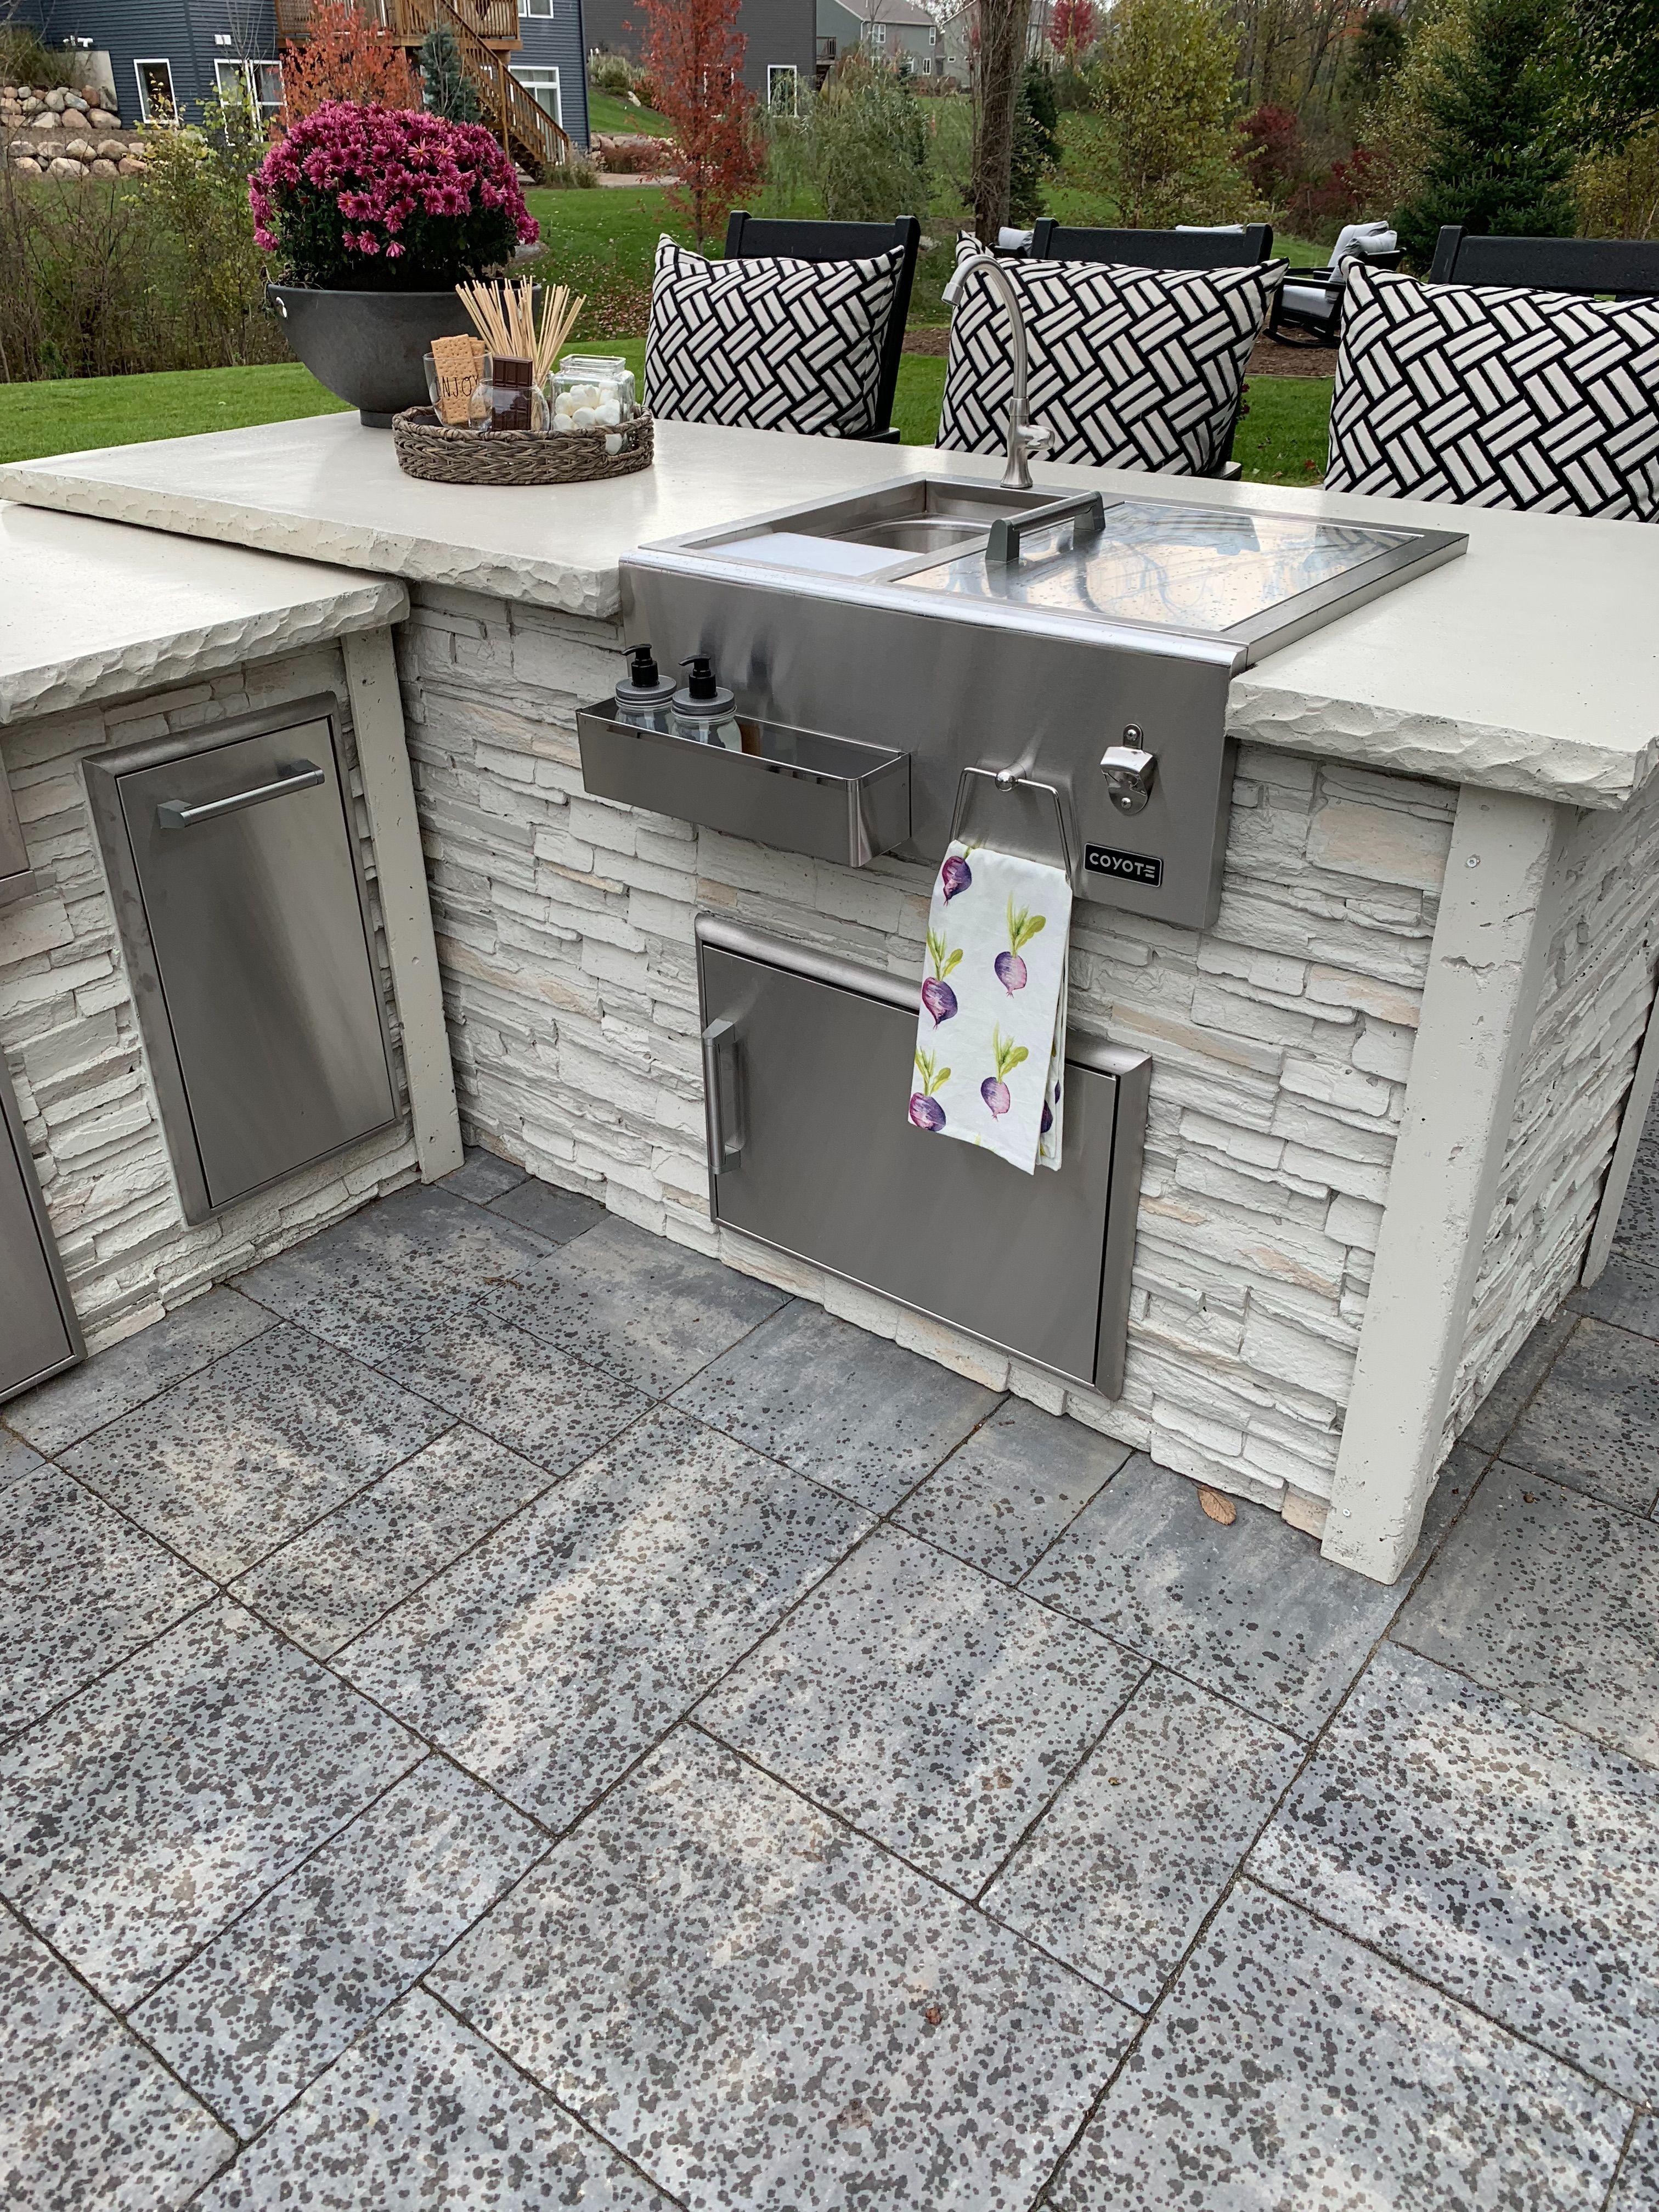 Home Coyote Outdoor Living Luxury Outdoor Kitchen Backyard Outdoor Kitchen